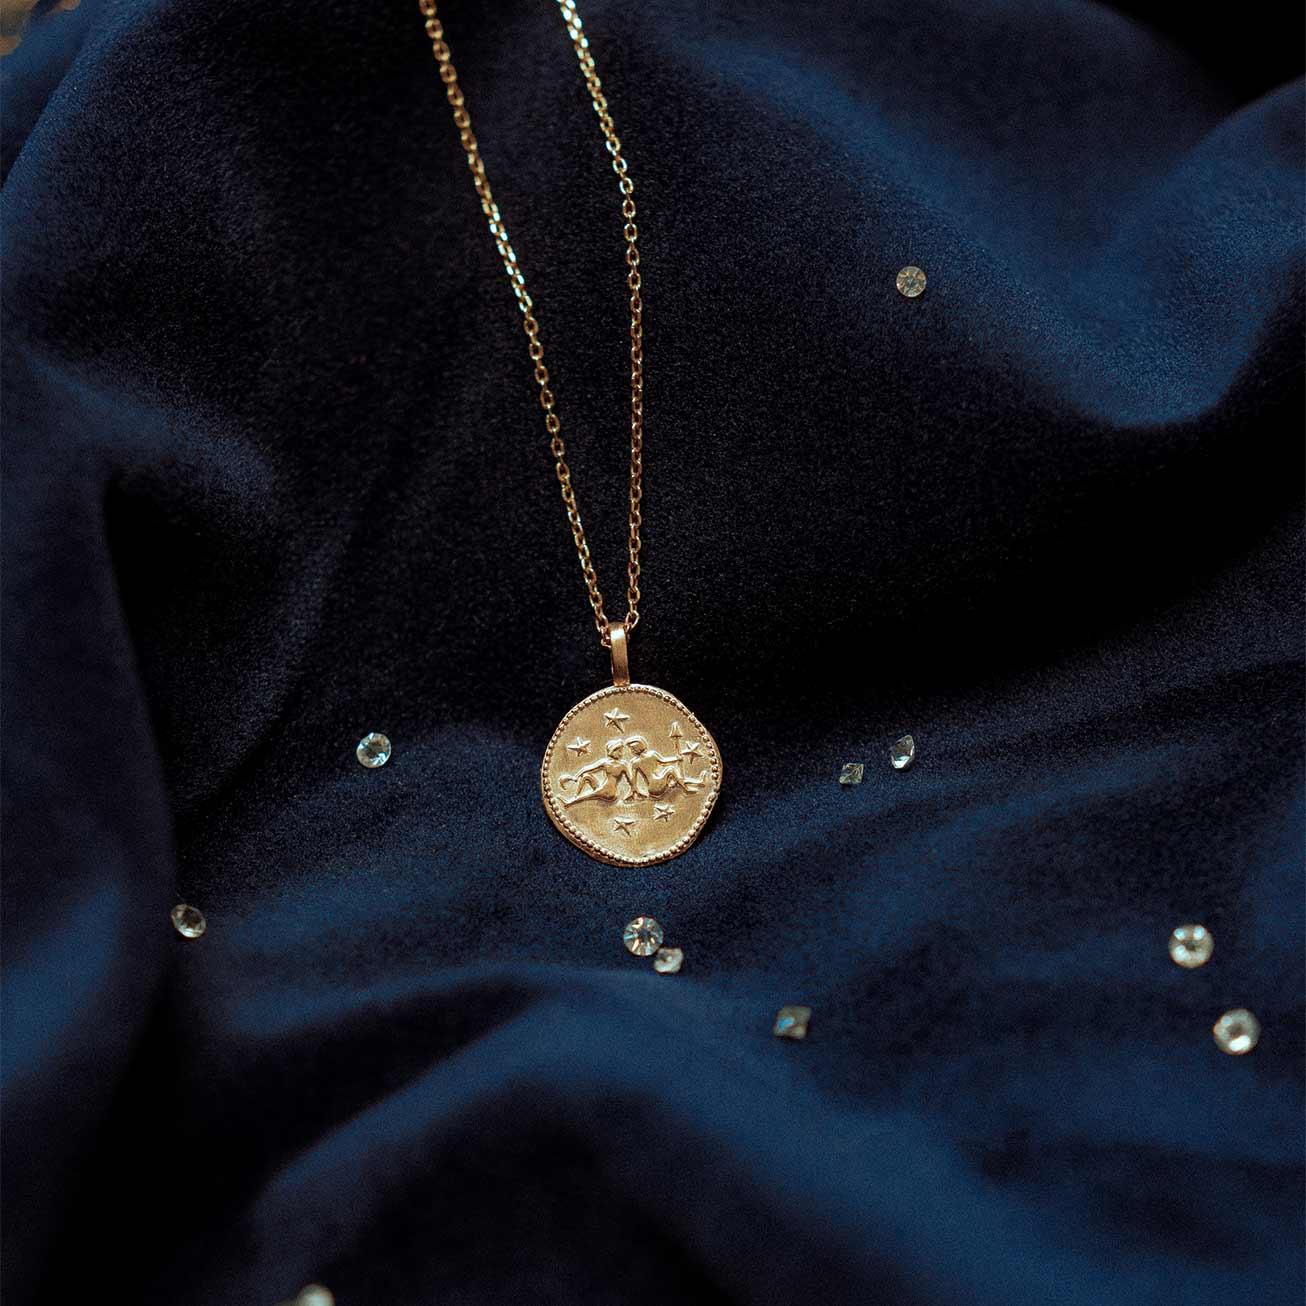 Collier signe du zodiaque Gémeaux